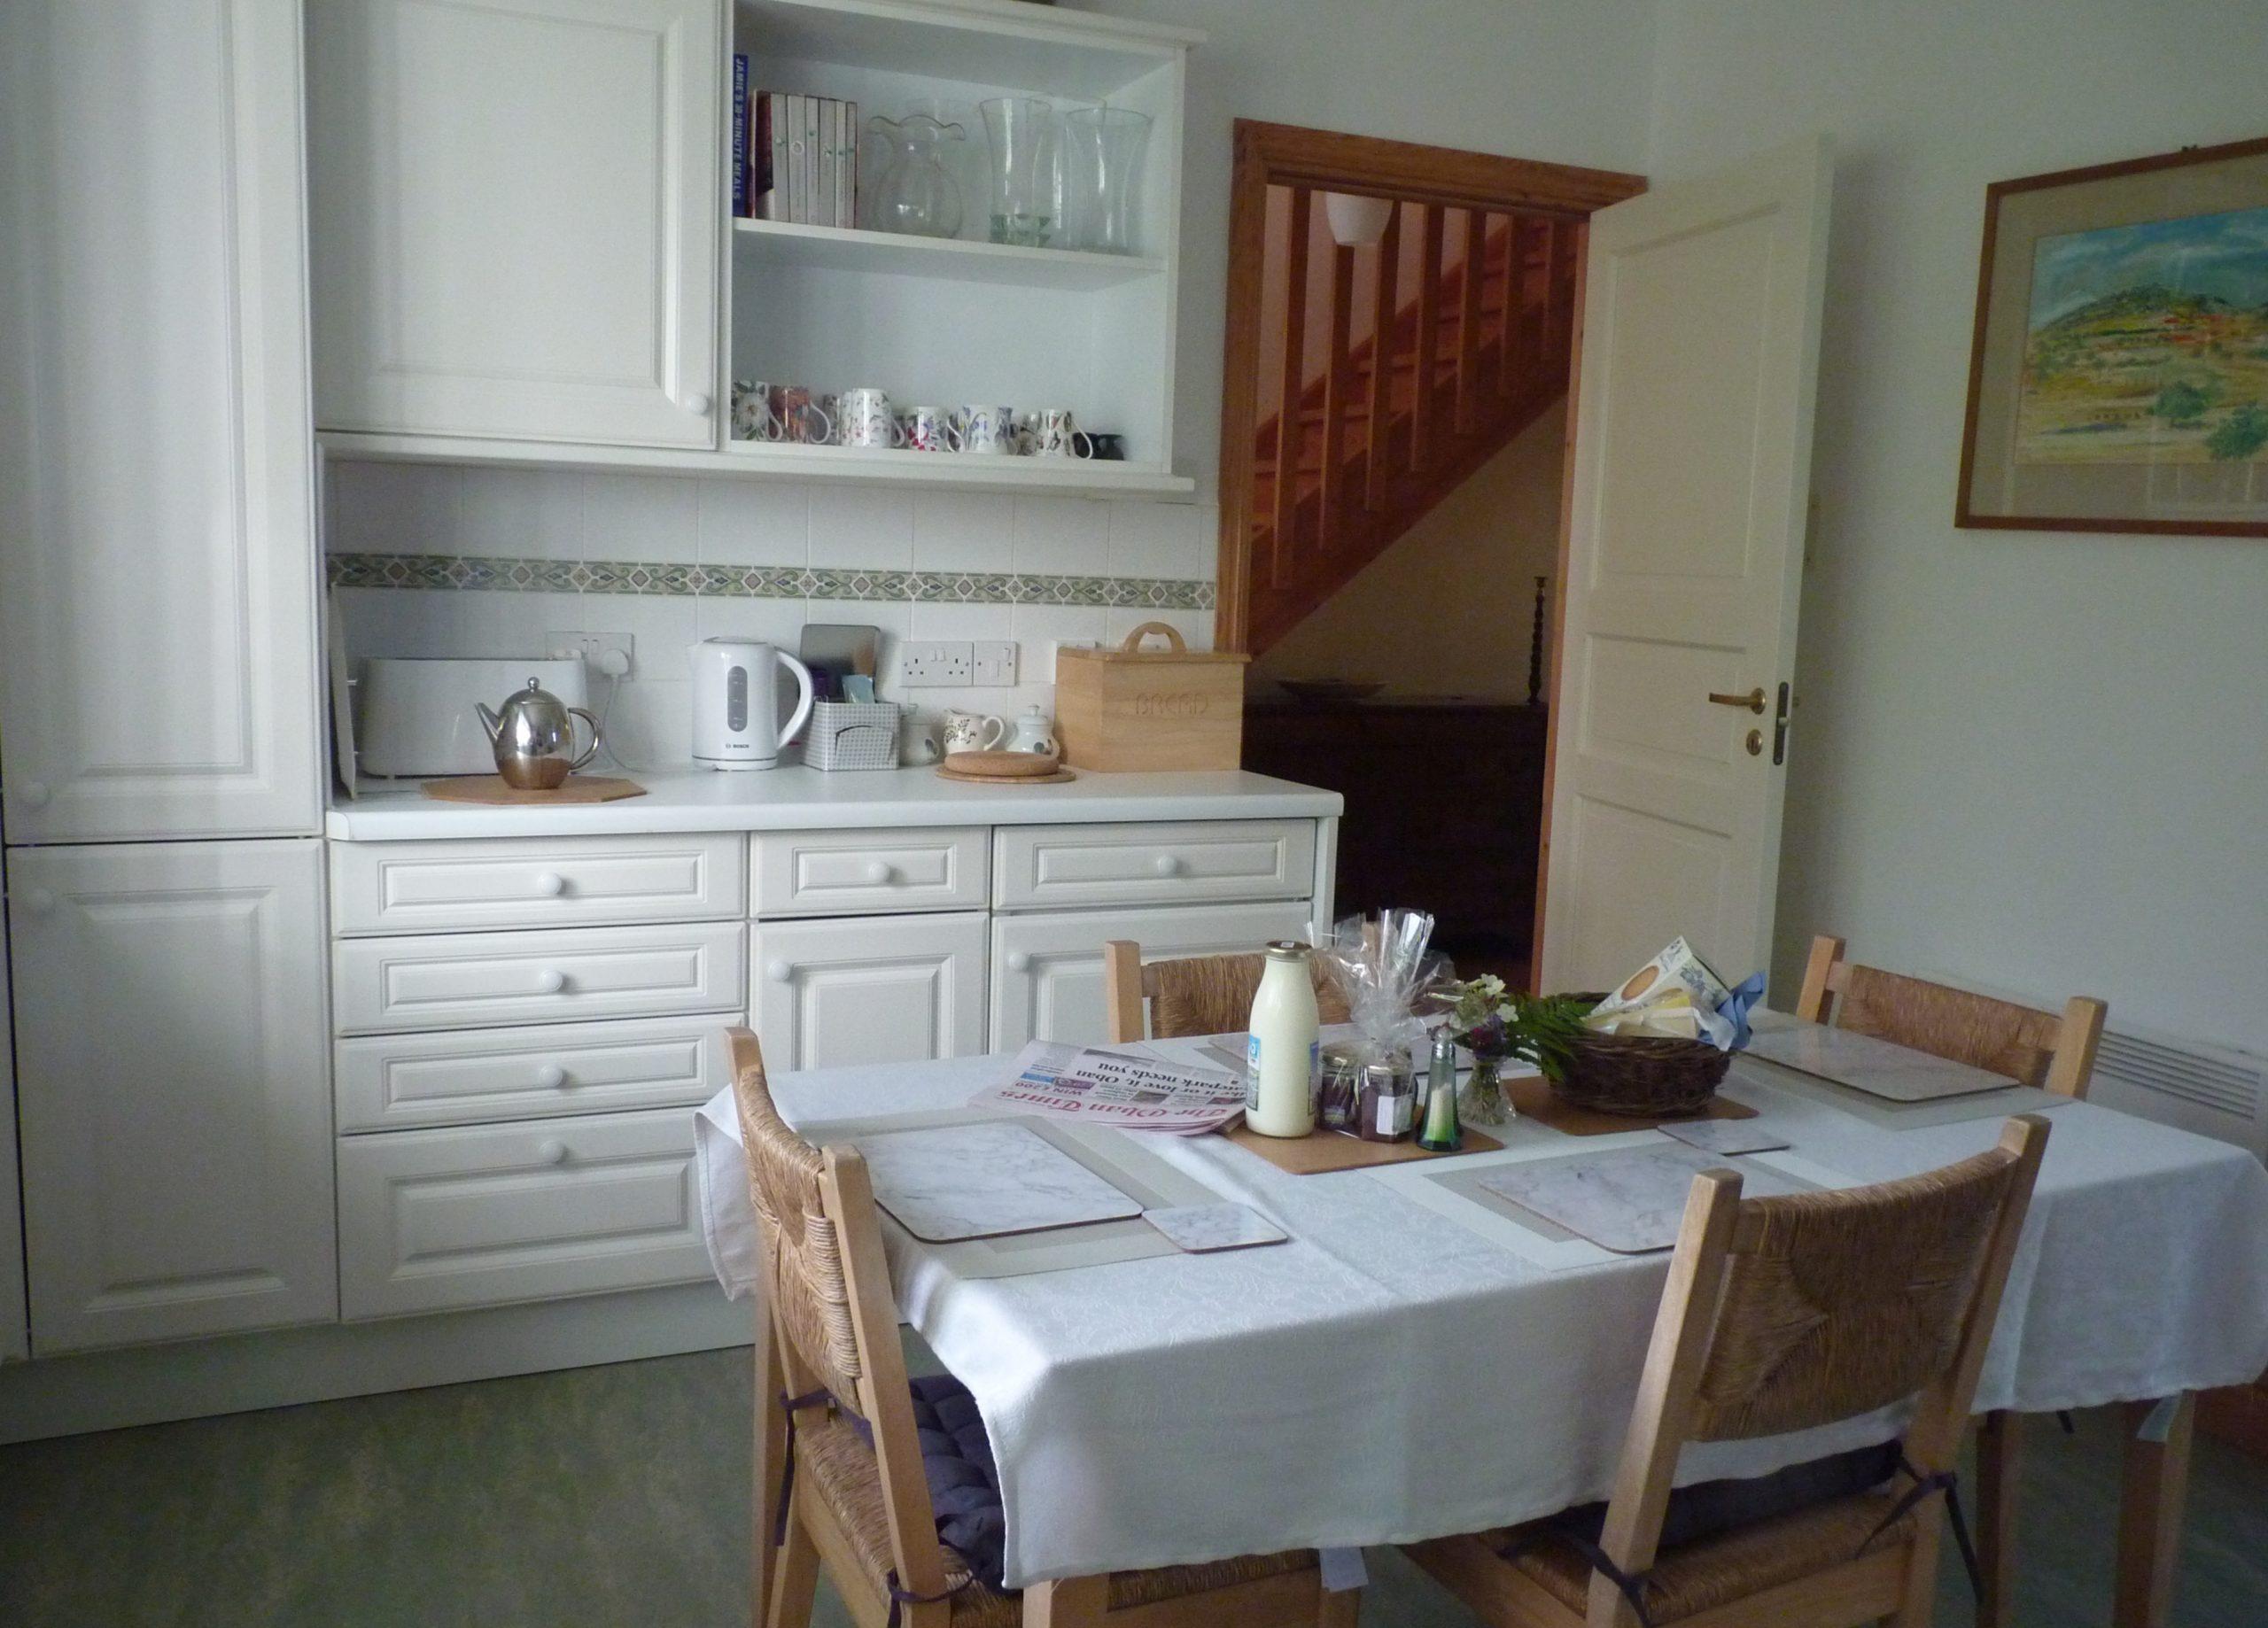 kitchen oct 20 P1050360